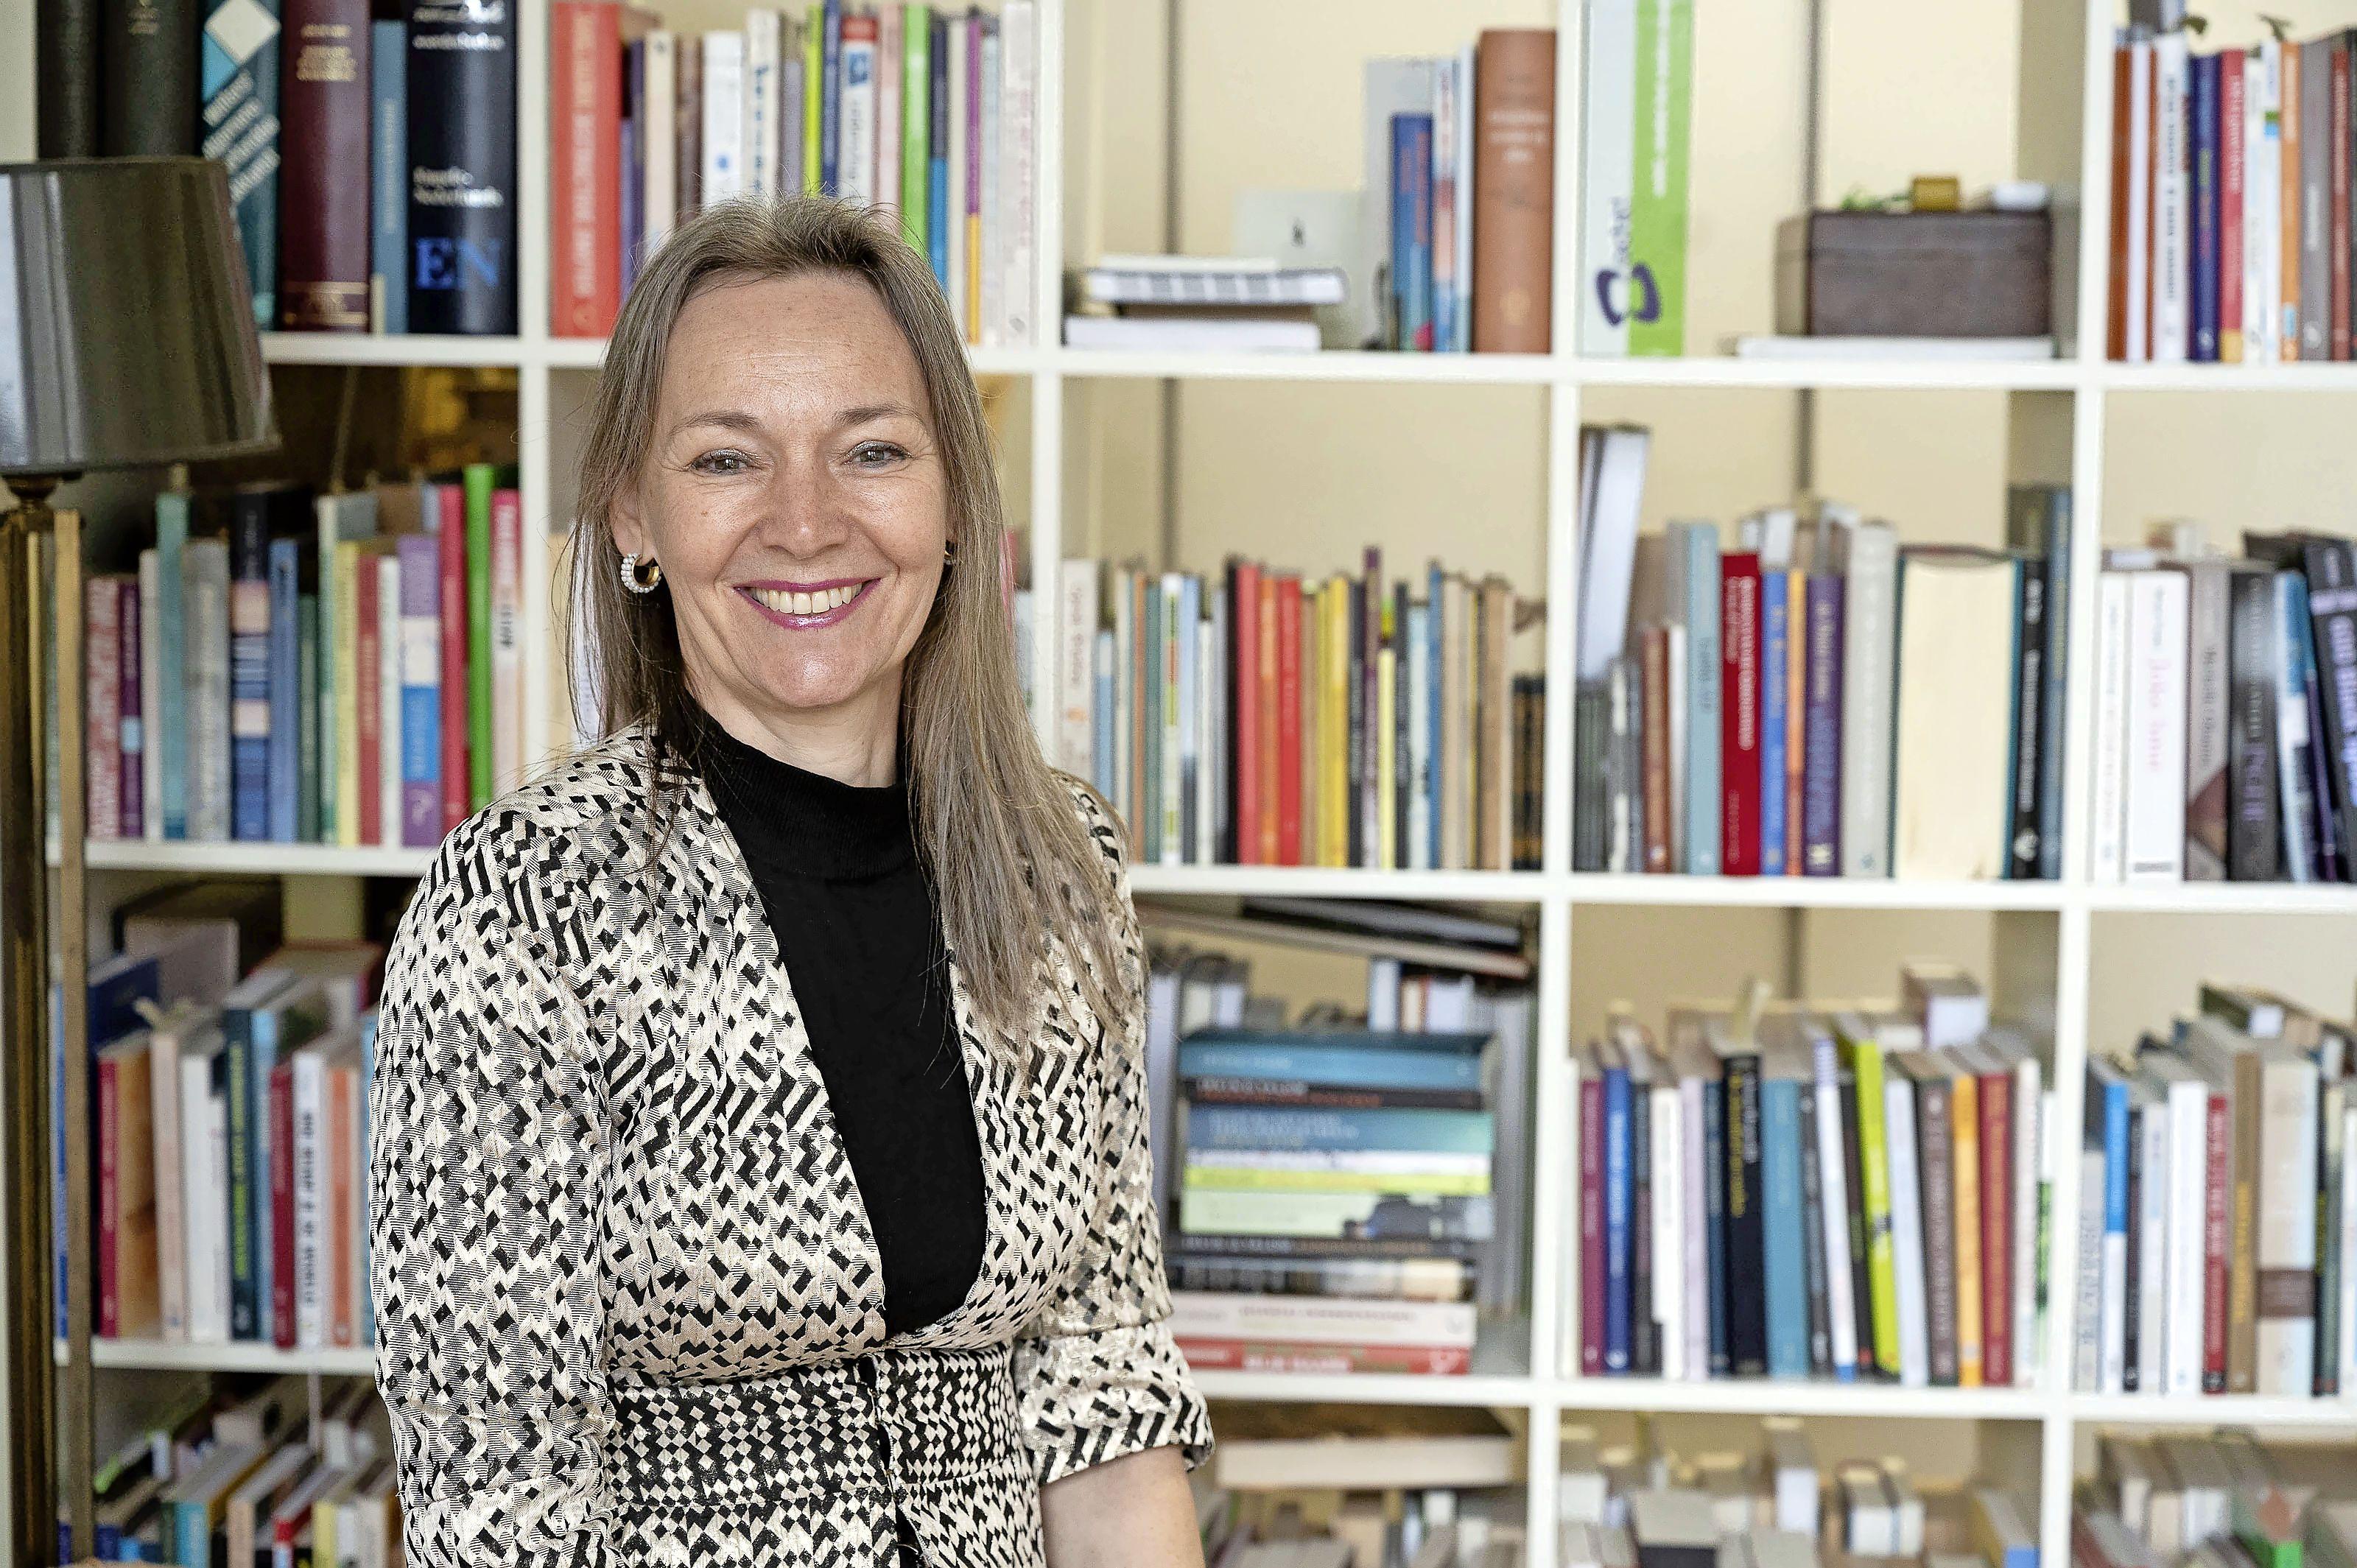 De wachtkamer zit vol bij arbeids- en organisatiepsychologe Anita Roelands 'Corona biedt ook de kans te ontsnappen aan een burn-out'